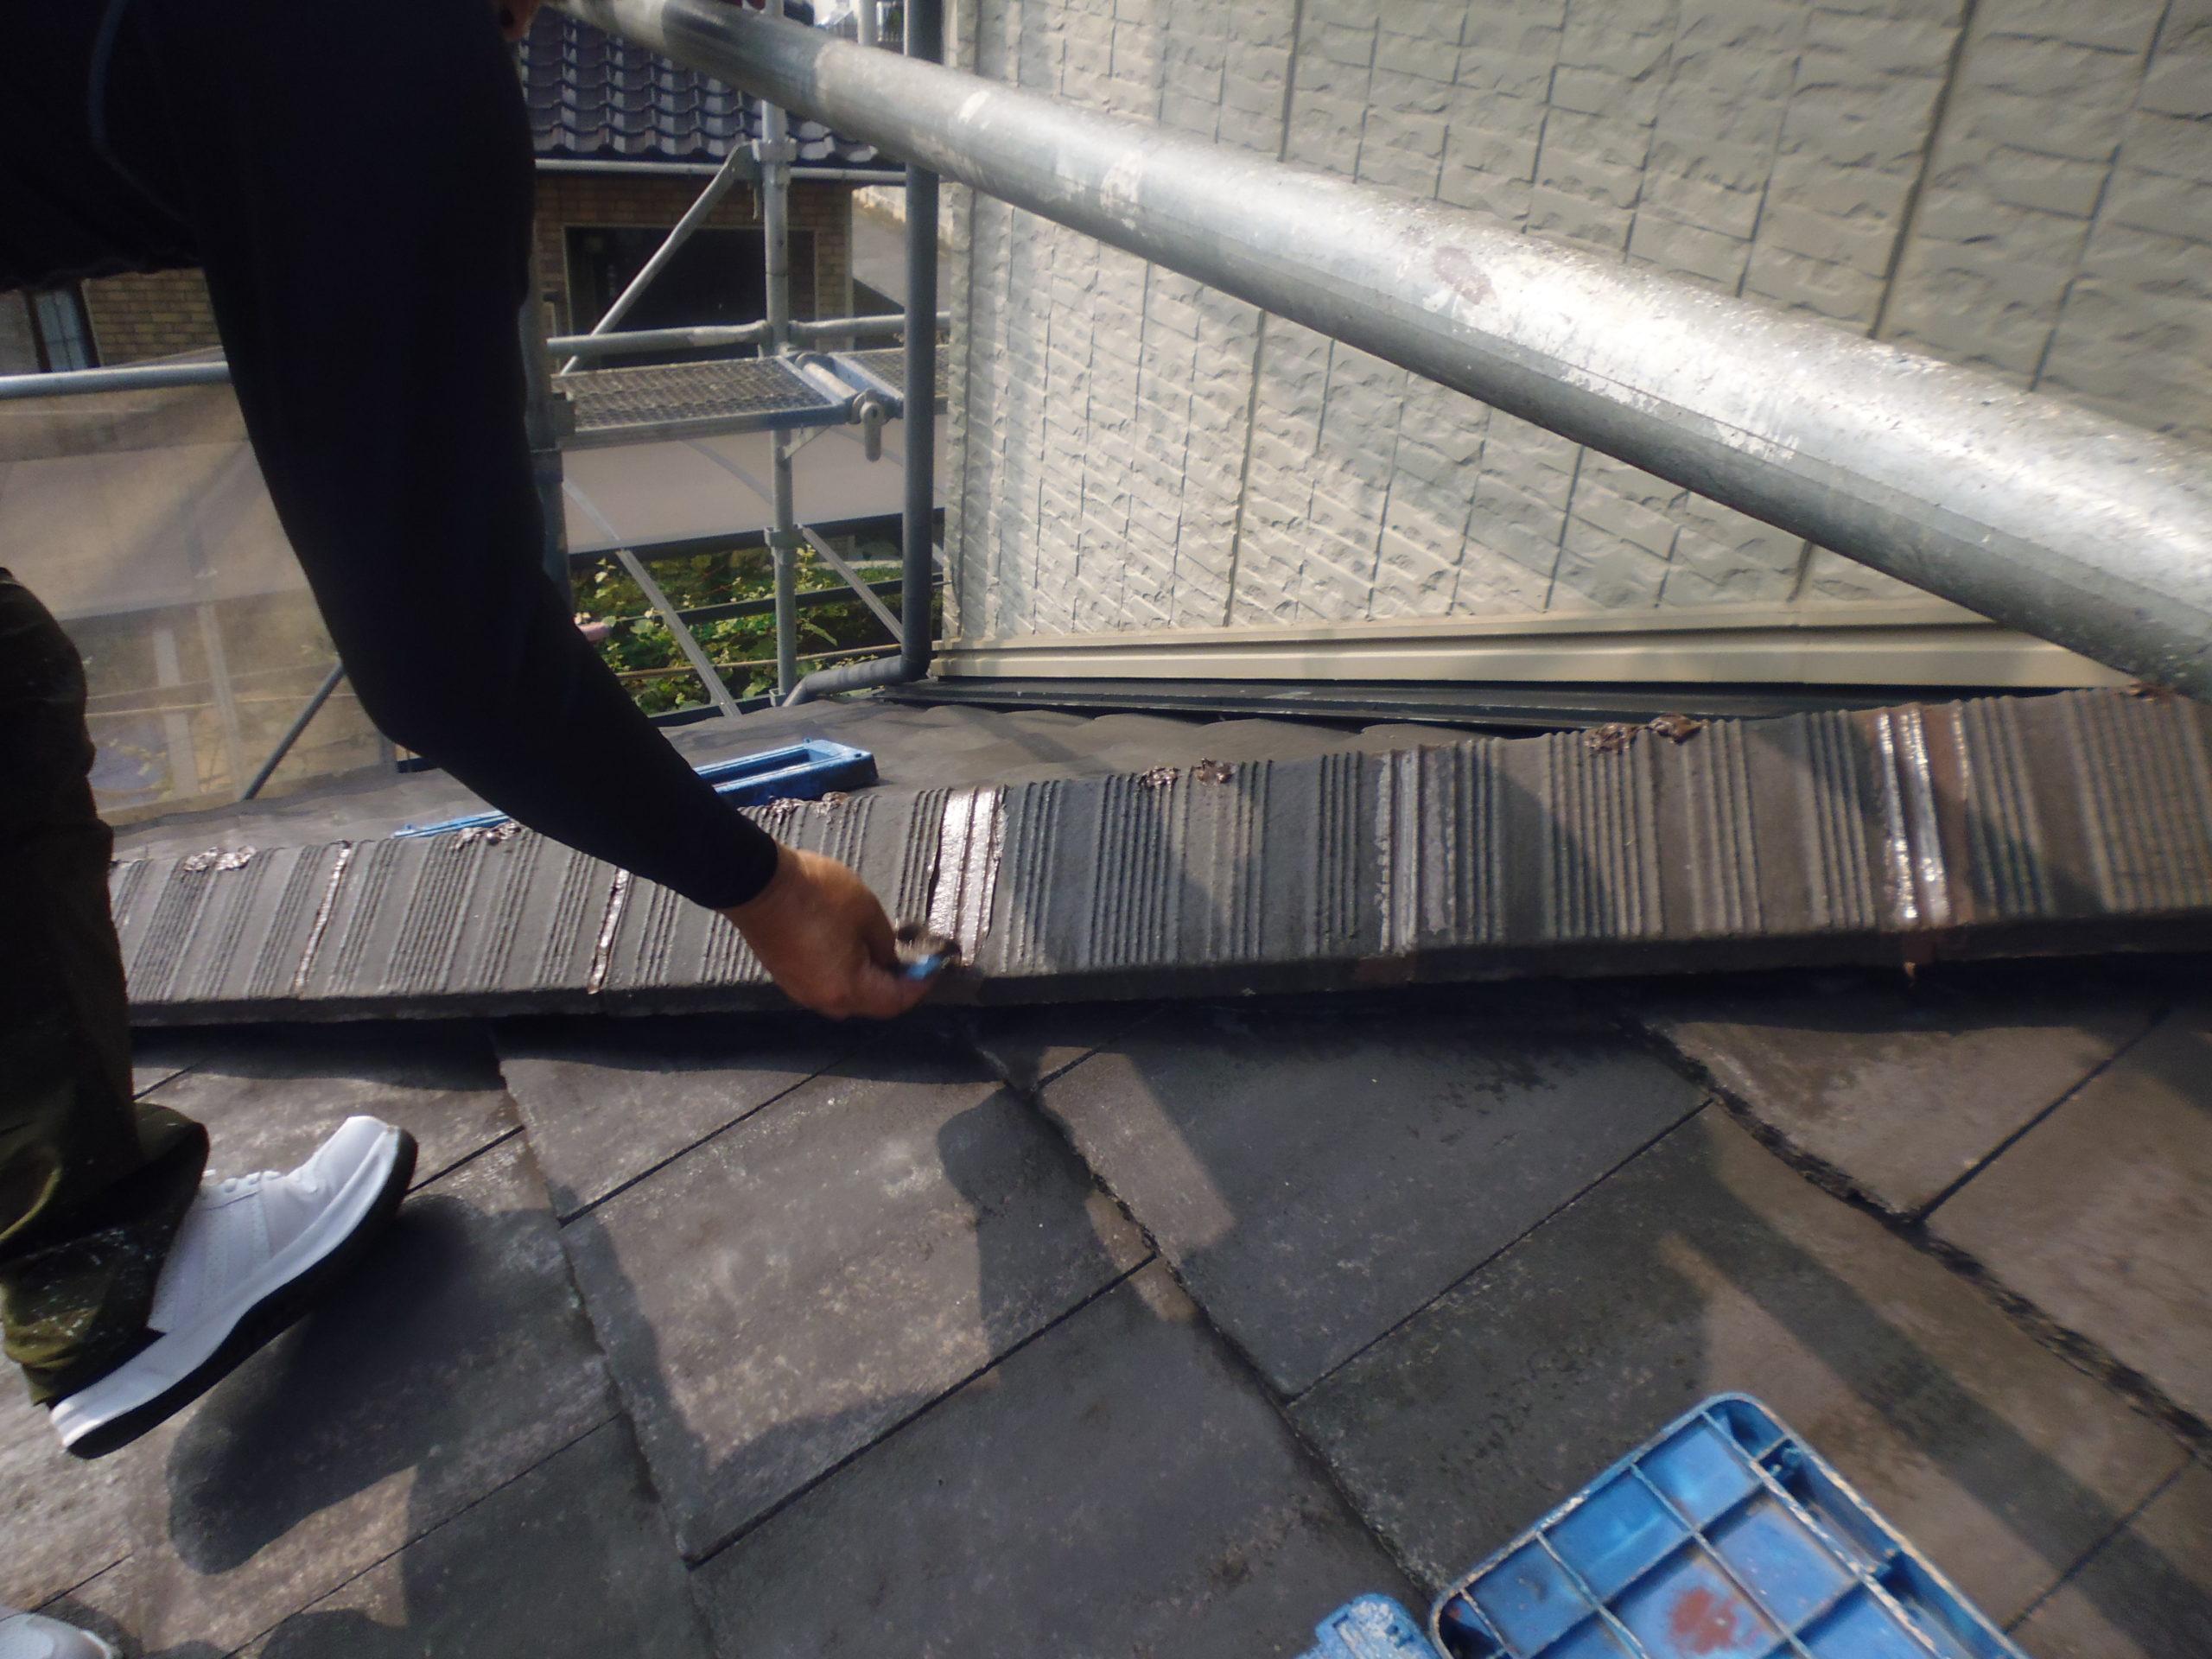 阿見町H様邸 屋根塗装工事part3page-visual 阿見町H様邸 屋根塗装工事part3ビジュアル